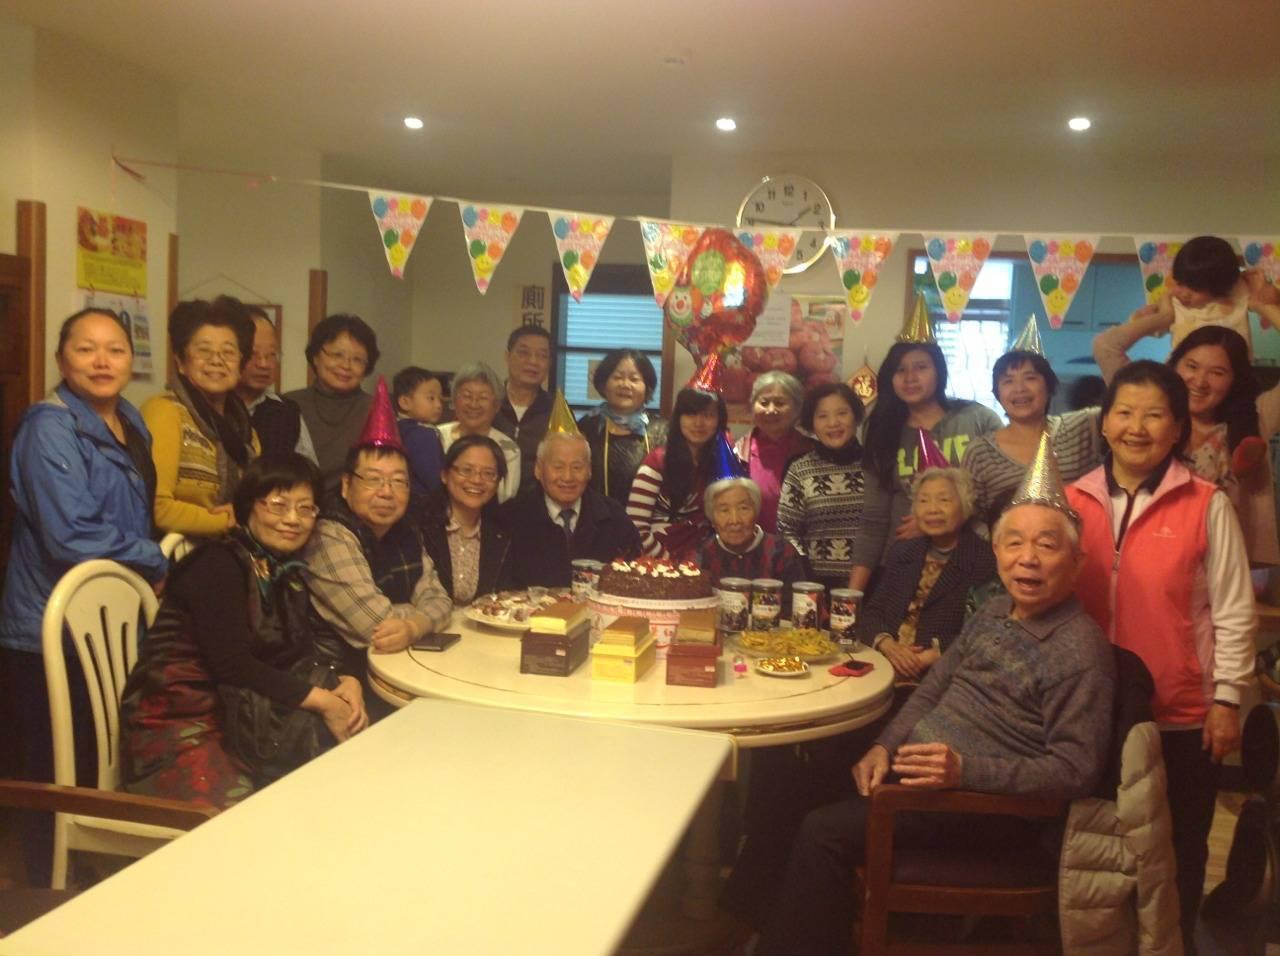 劉慧芳常常帶著先生(前排左一、左二)參加聚會,讓他感受到大家對他的愛與重視。圖/...